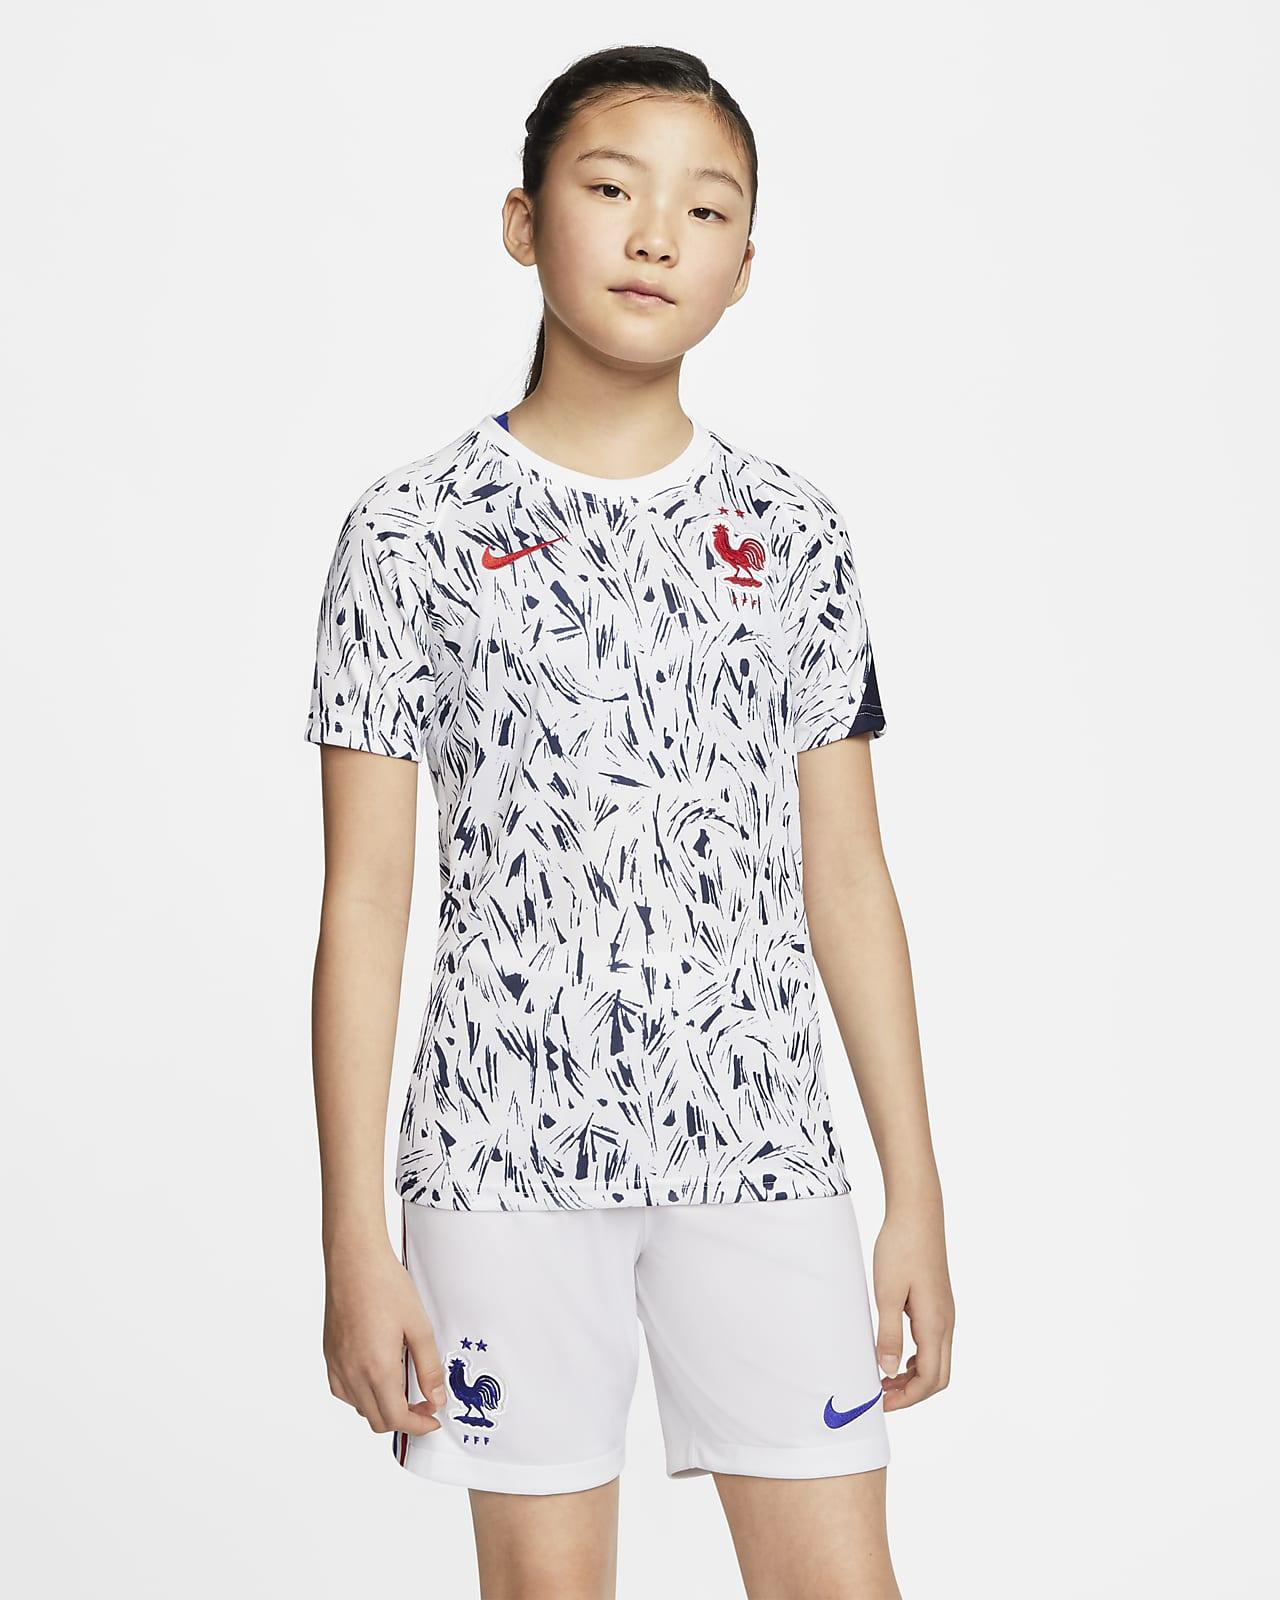 FFF 大童短袖足球上衣